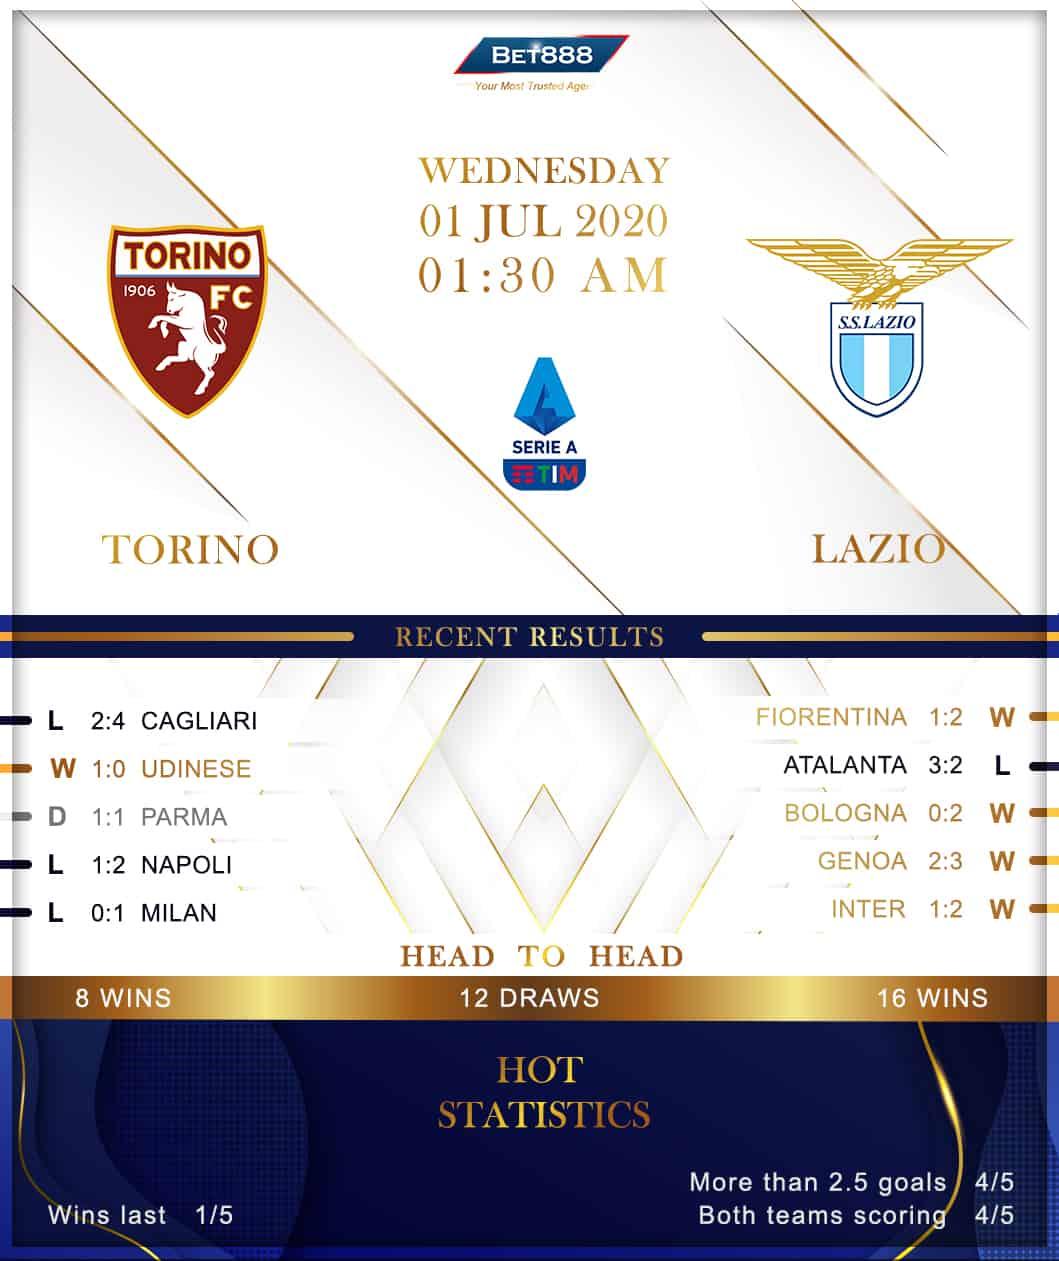 Torino vs  Lazio 01/07/20